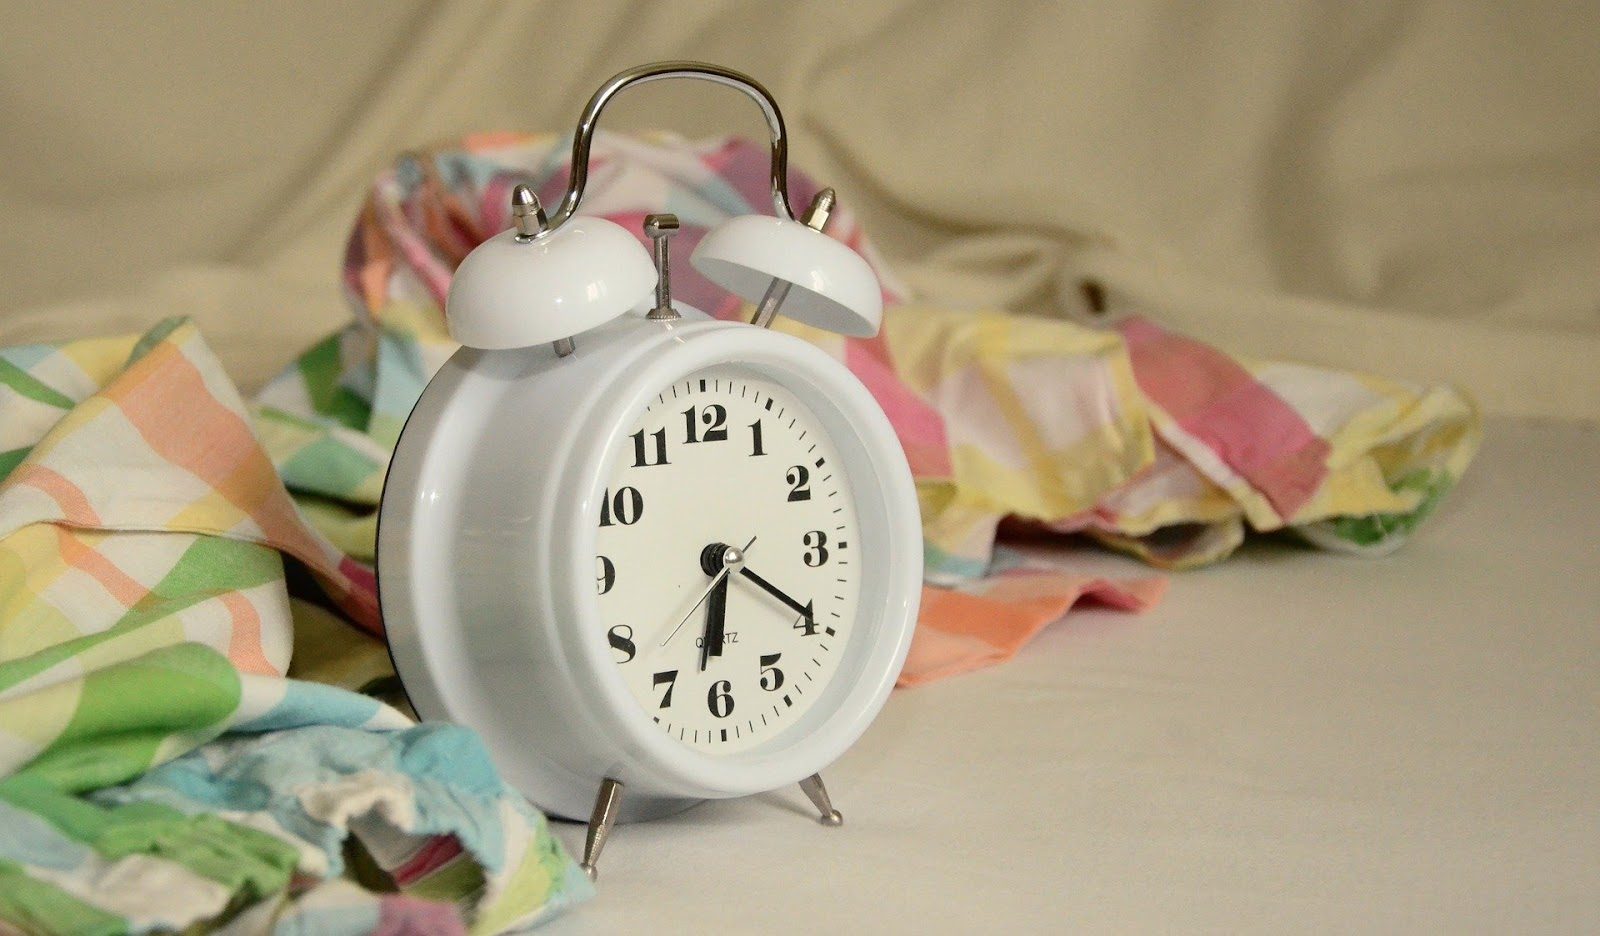 alarm-clock-1191561_1920.jpg